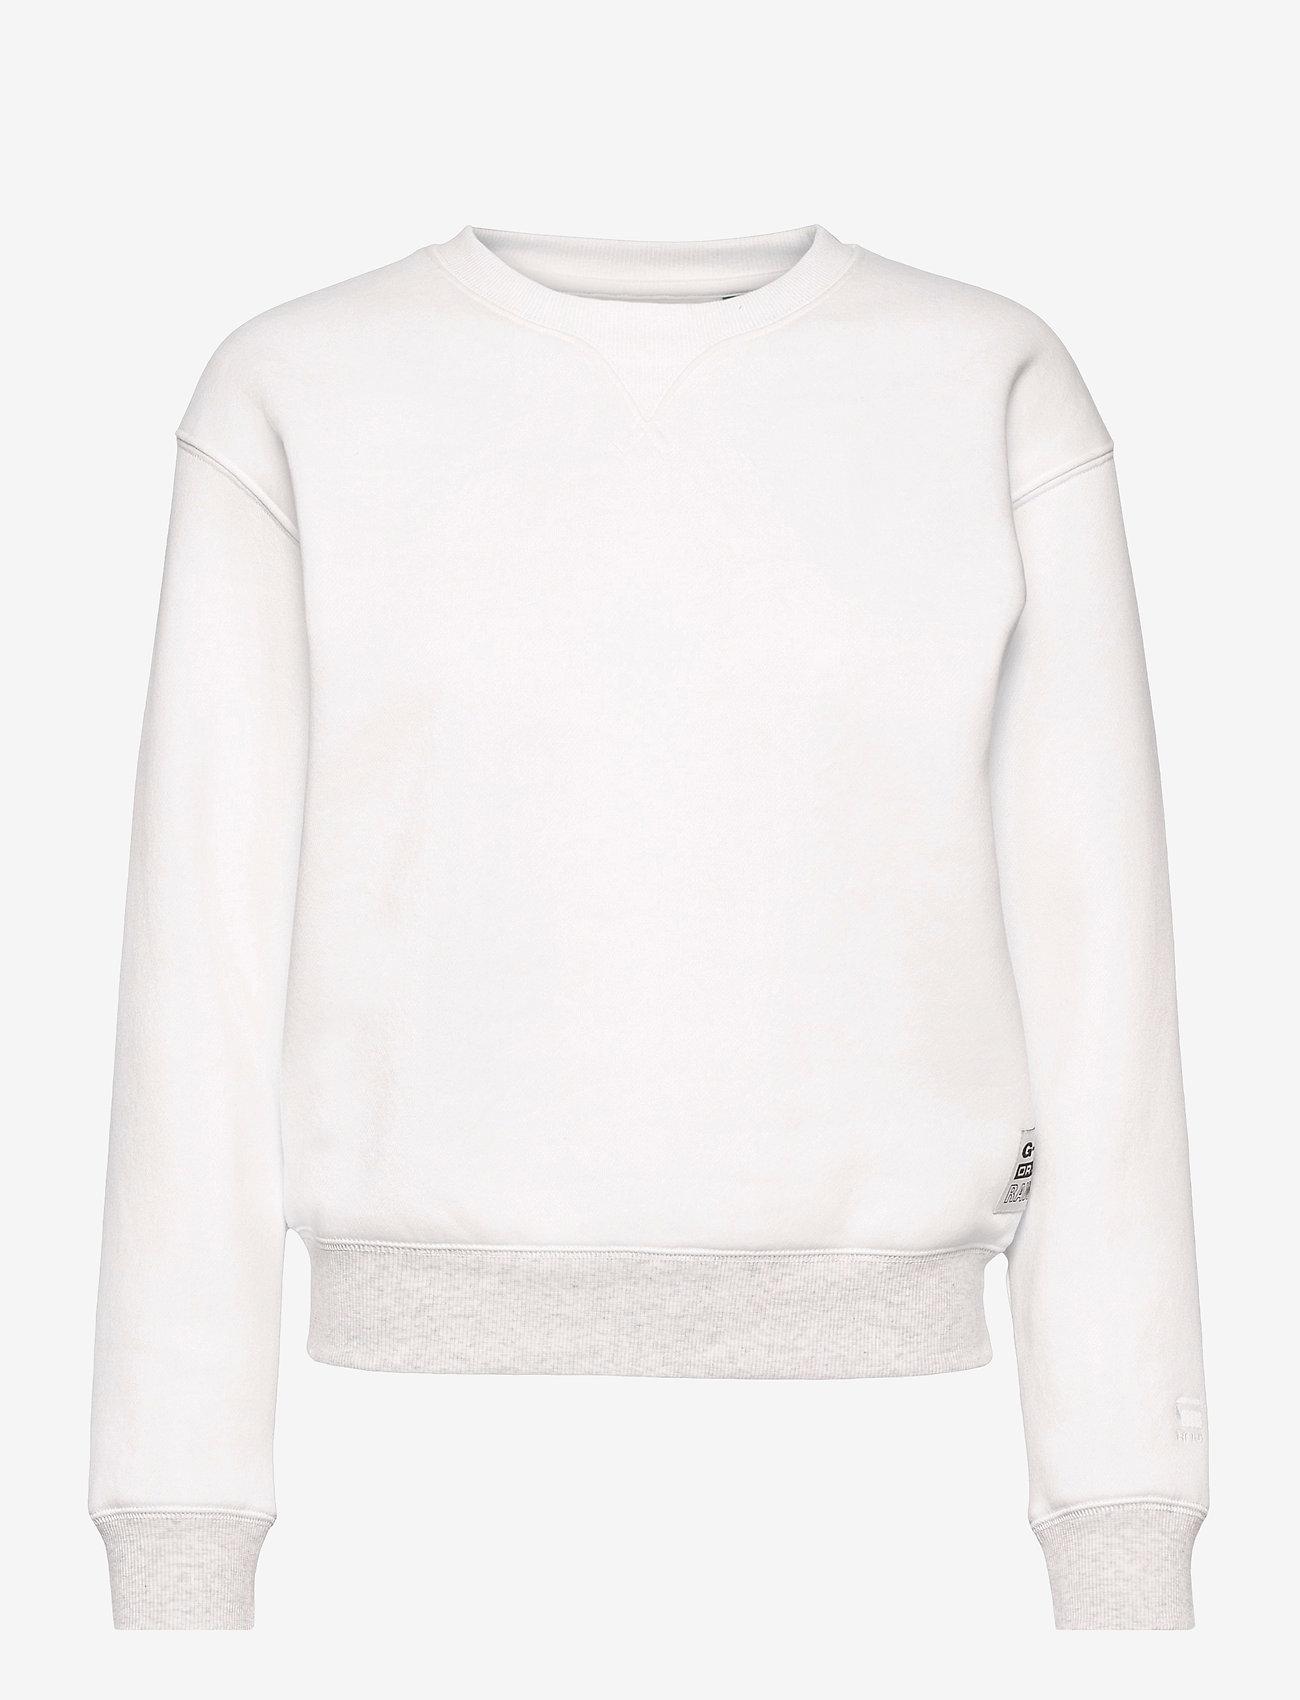 G-star RAW - Premium core r sw wmn l\s - sweaters - milk - 0